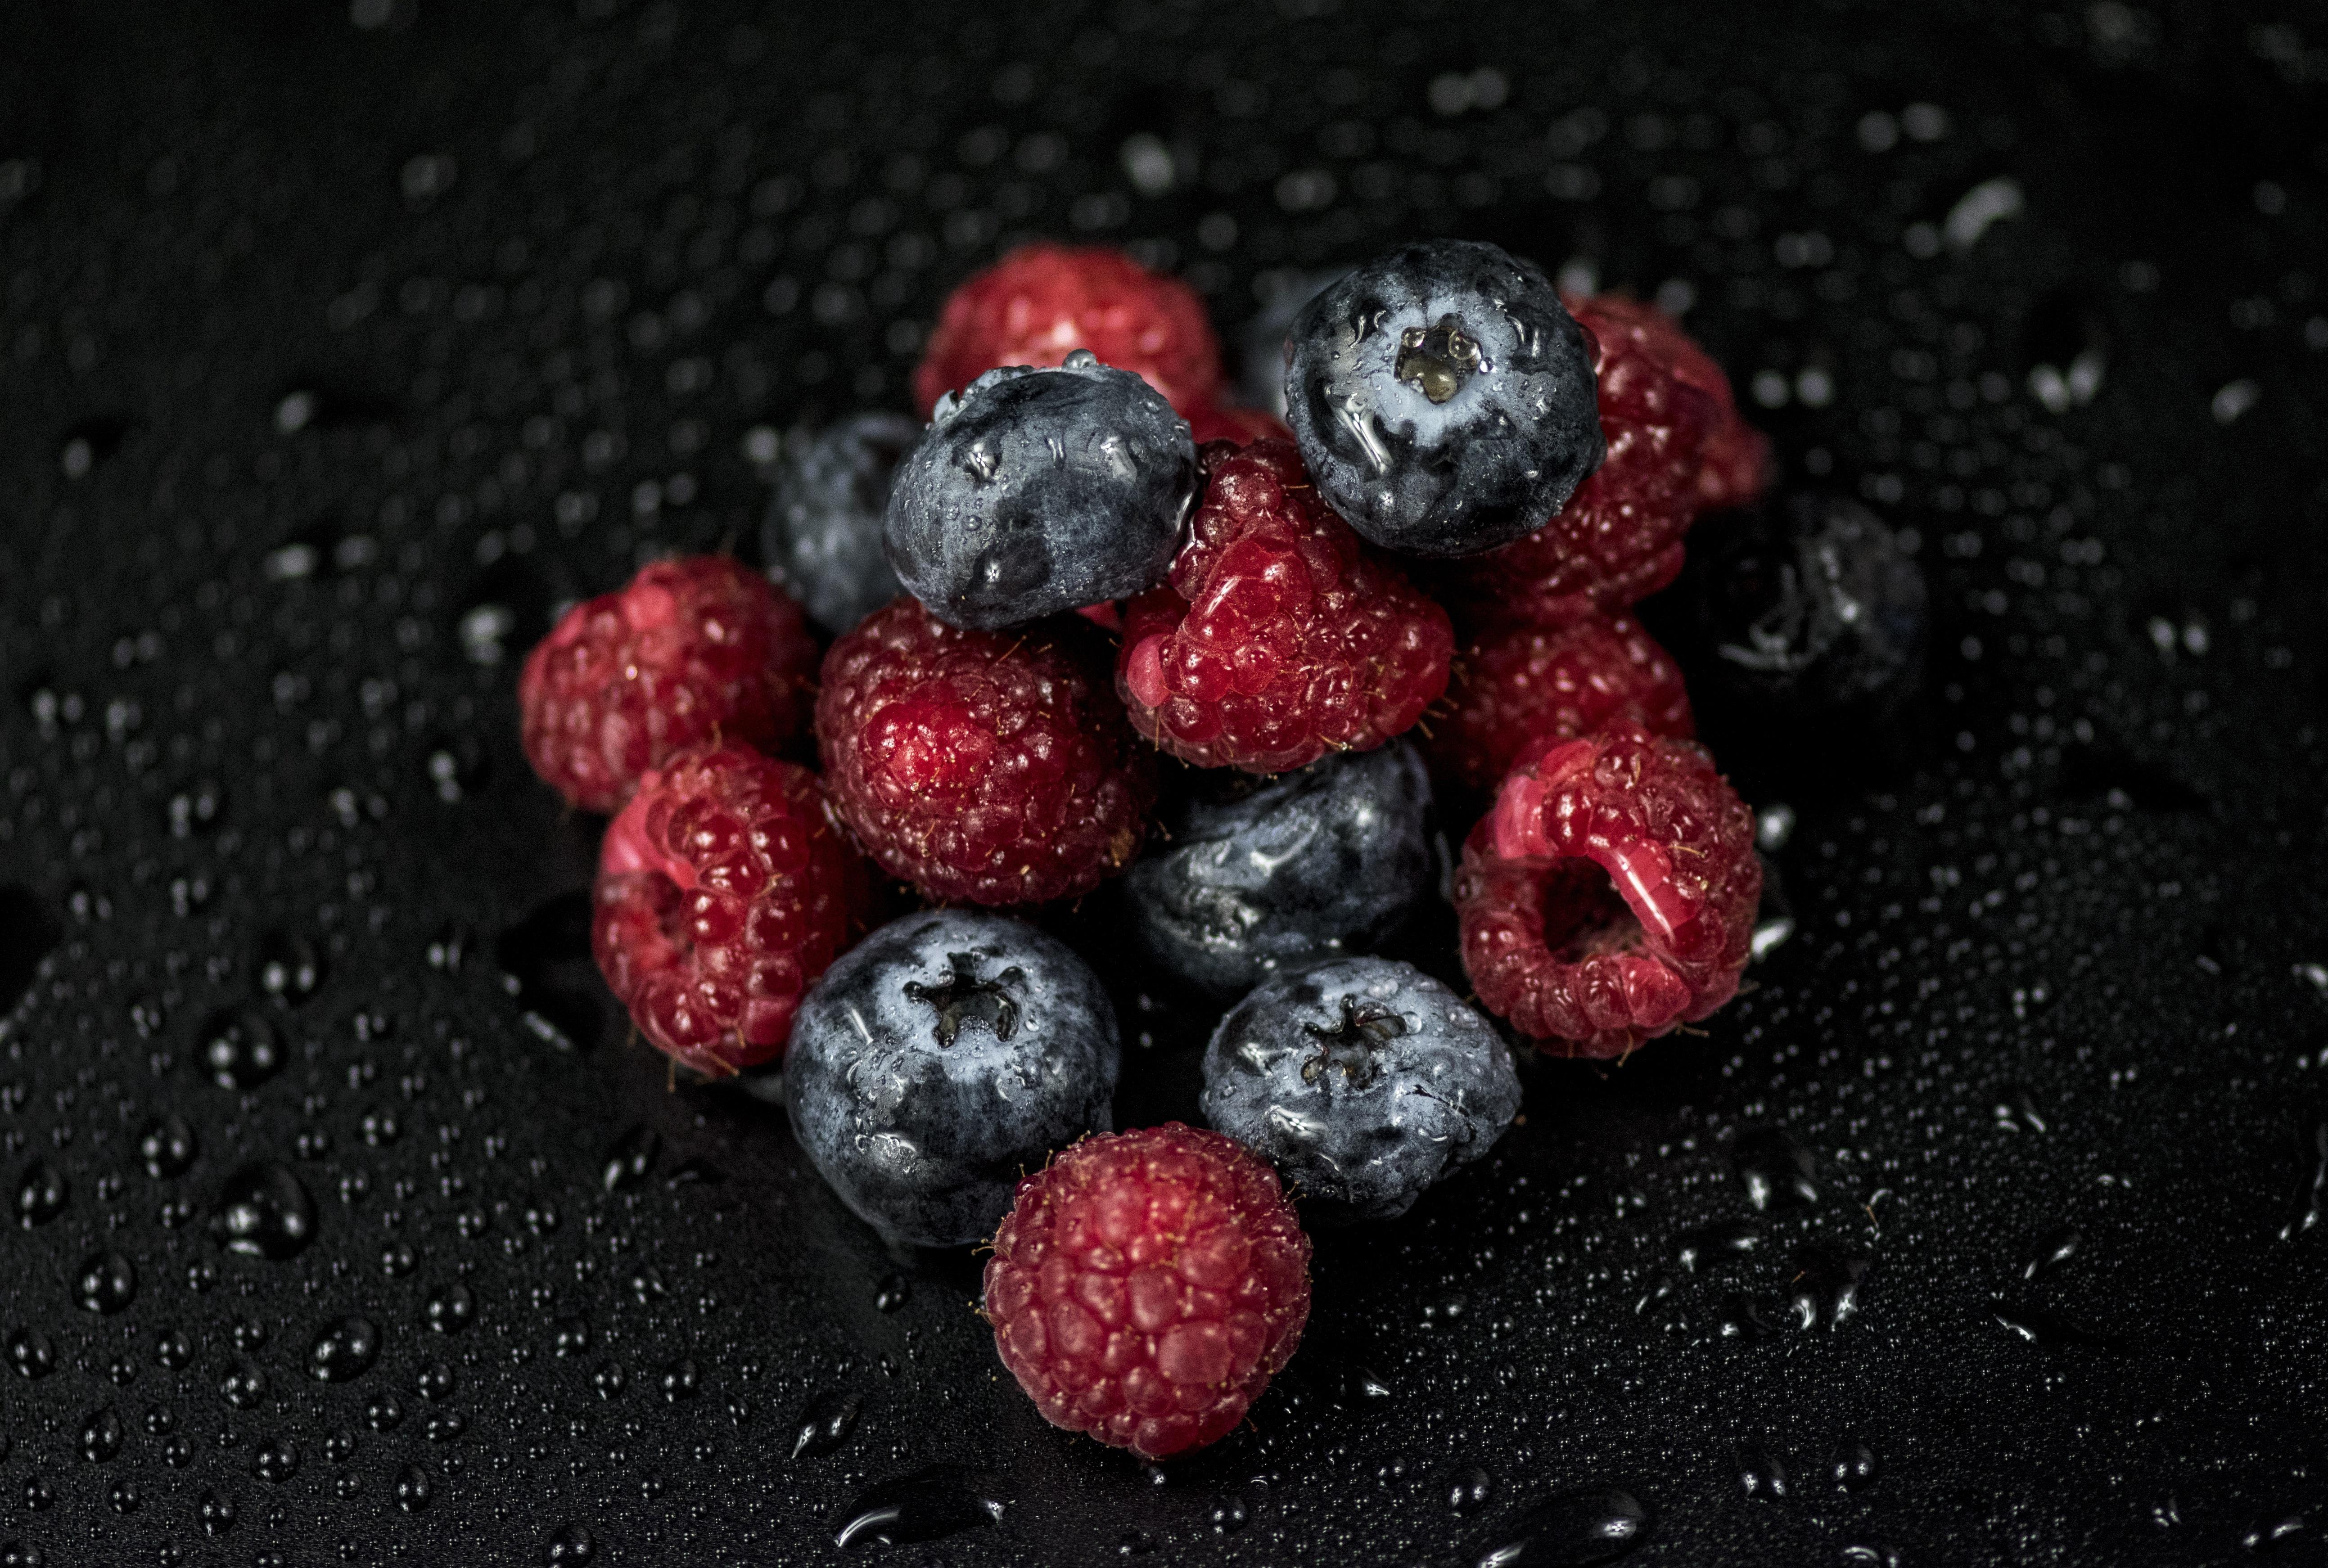 Обои для рабочего стола Капли Малина Черника Ягоды Продукты питания капля капель капельки Еда Пища